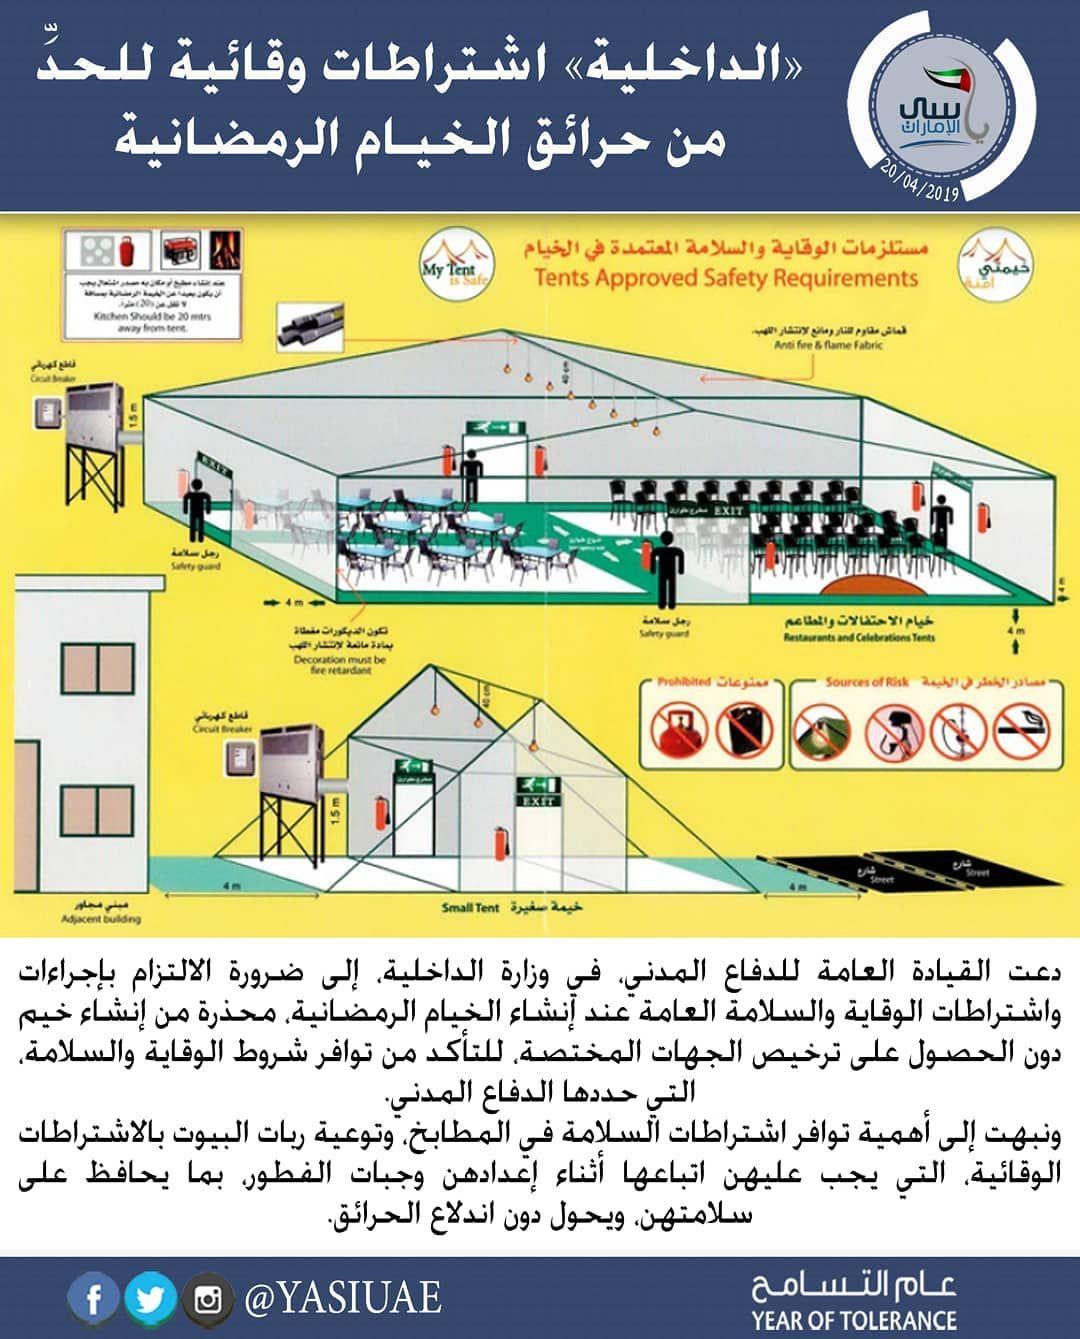 الامارات دعت القيادة العامة للدفاع المدني في وزارة الداخلية إلى ضرورة الالتزام بإجراءات واشتراطات الوقاية والسلامة العامة عند إنشاء Map Screenshot Map Cuse